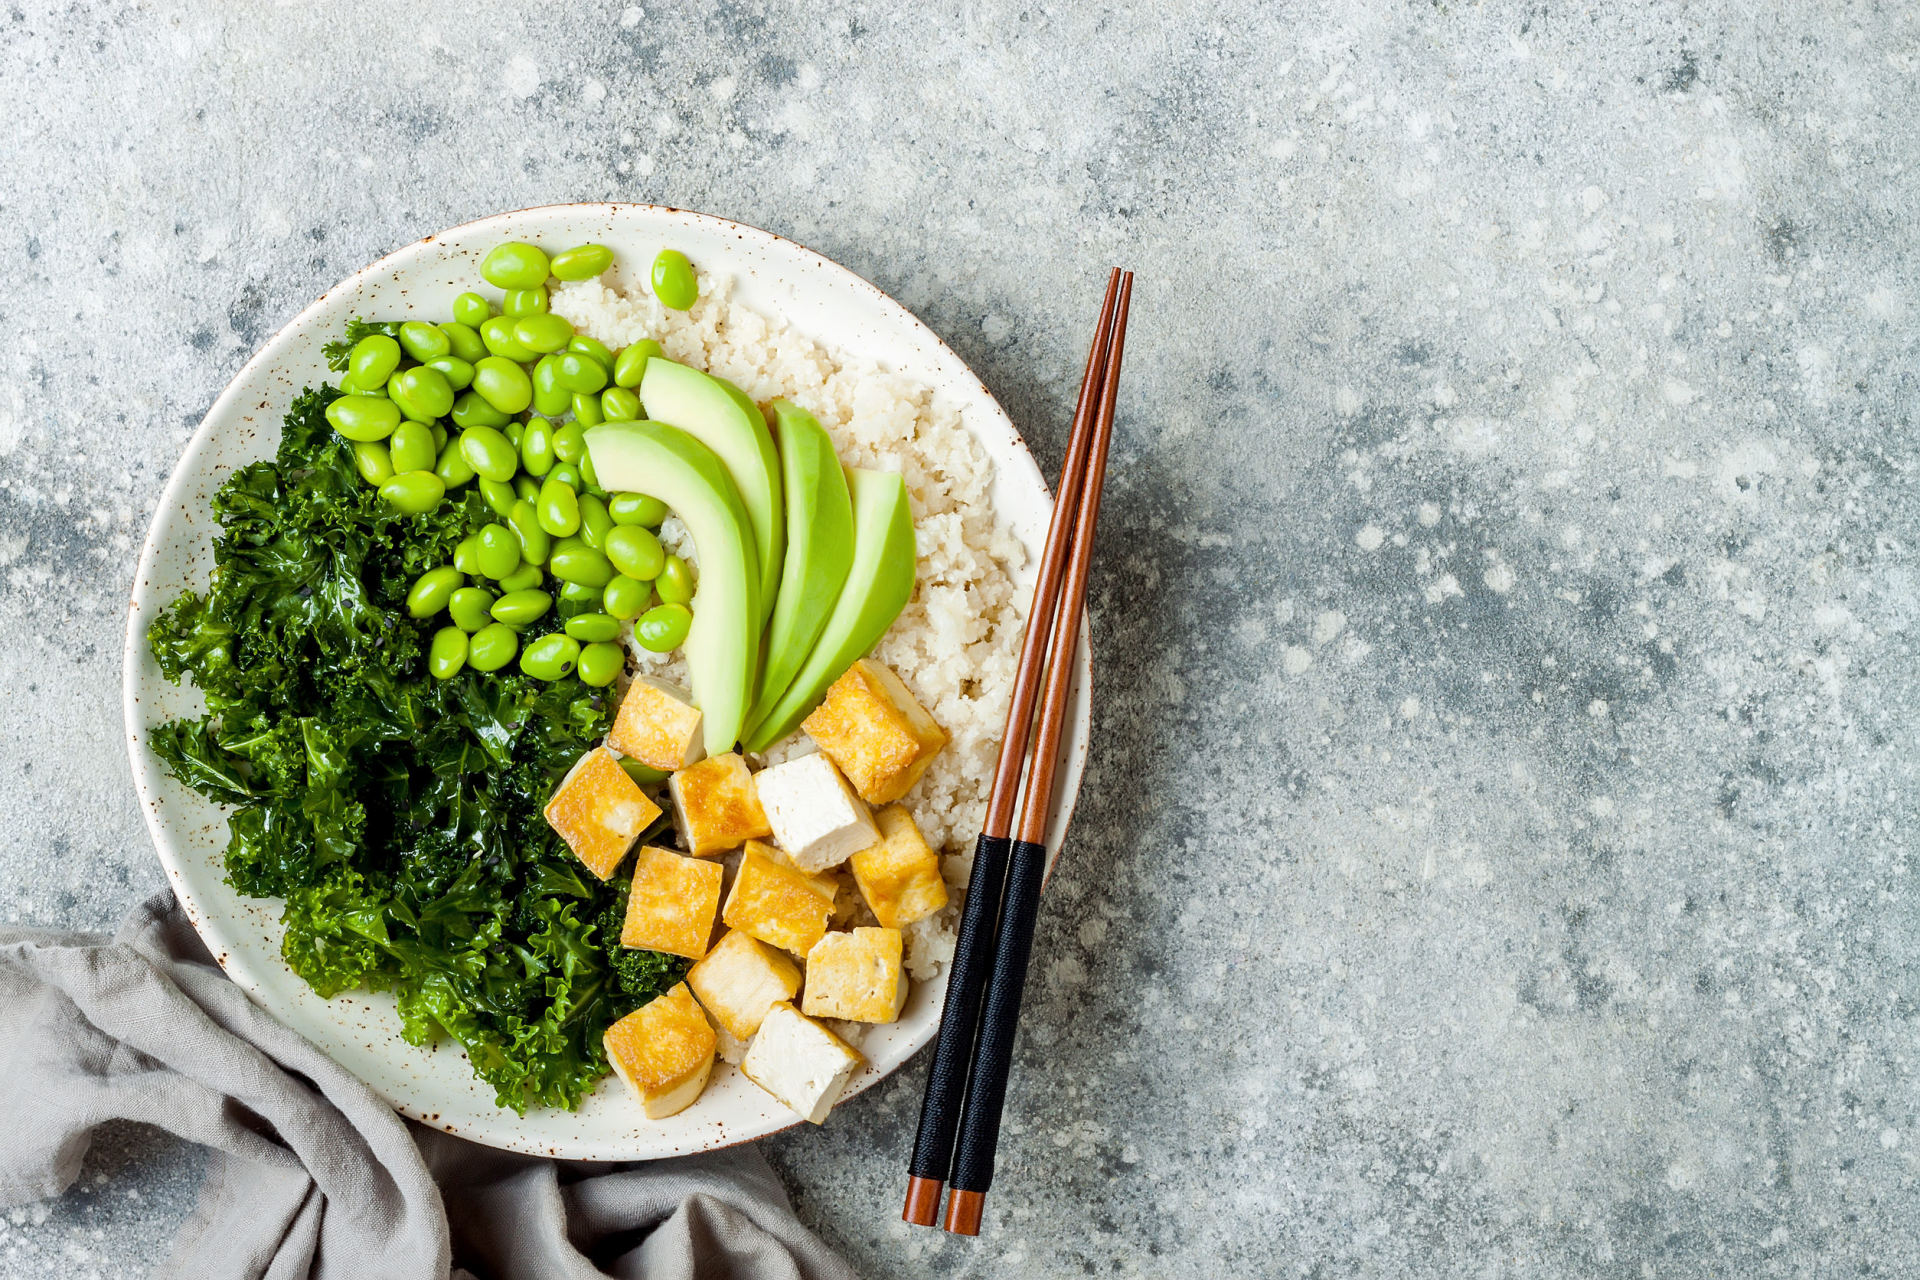 geriausia dieta širdies sveikatai pagerinti